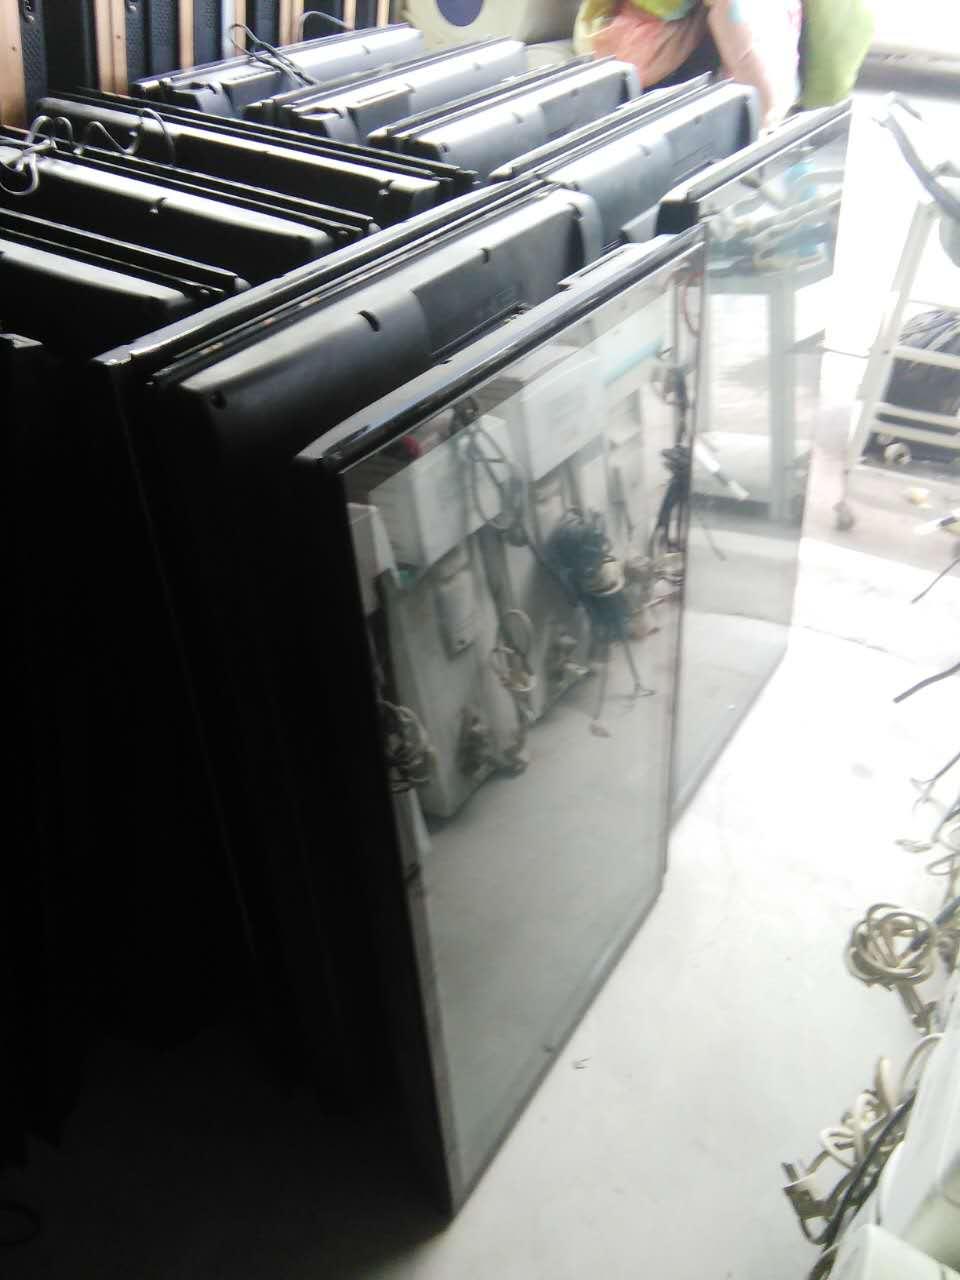 济南二手家电出售价格低,产品质量好,全是九成新家电。